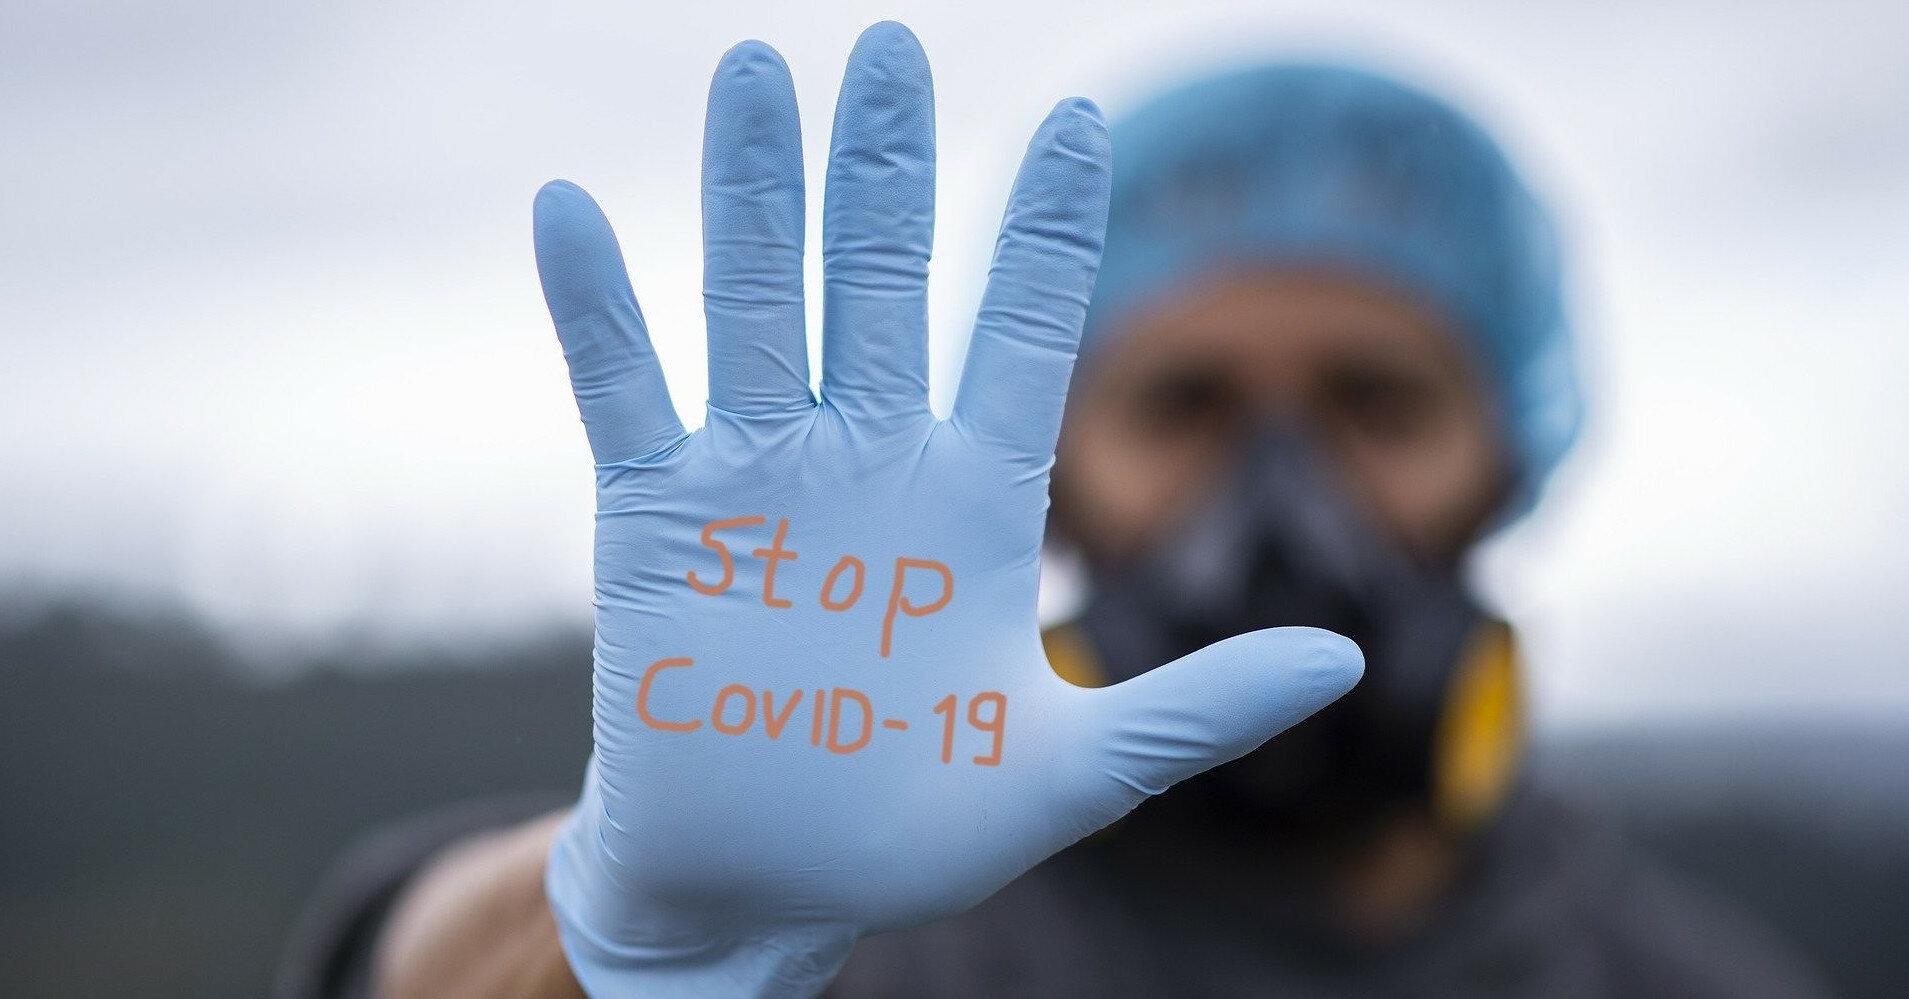 В Перу пересчитали количество умерших от COVID-19: их больше в 2,5 раза